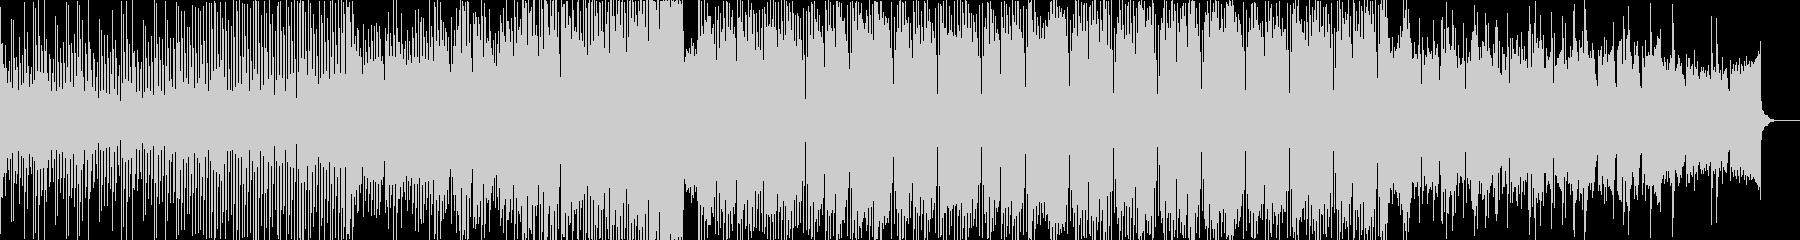 哀愁あるフューチャーベース(声ネタ無し)の未再生の波形